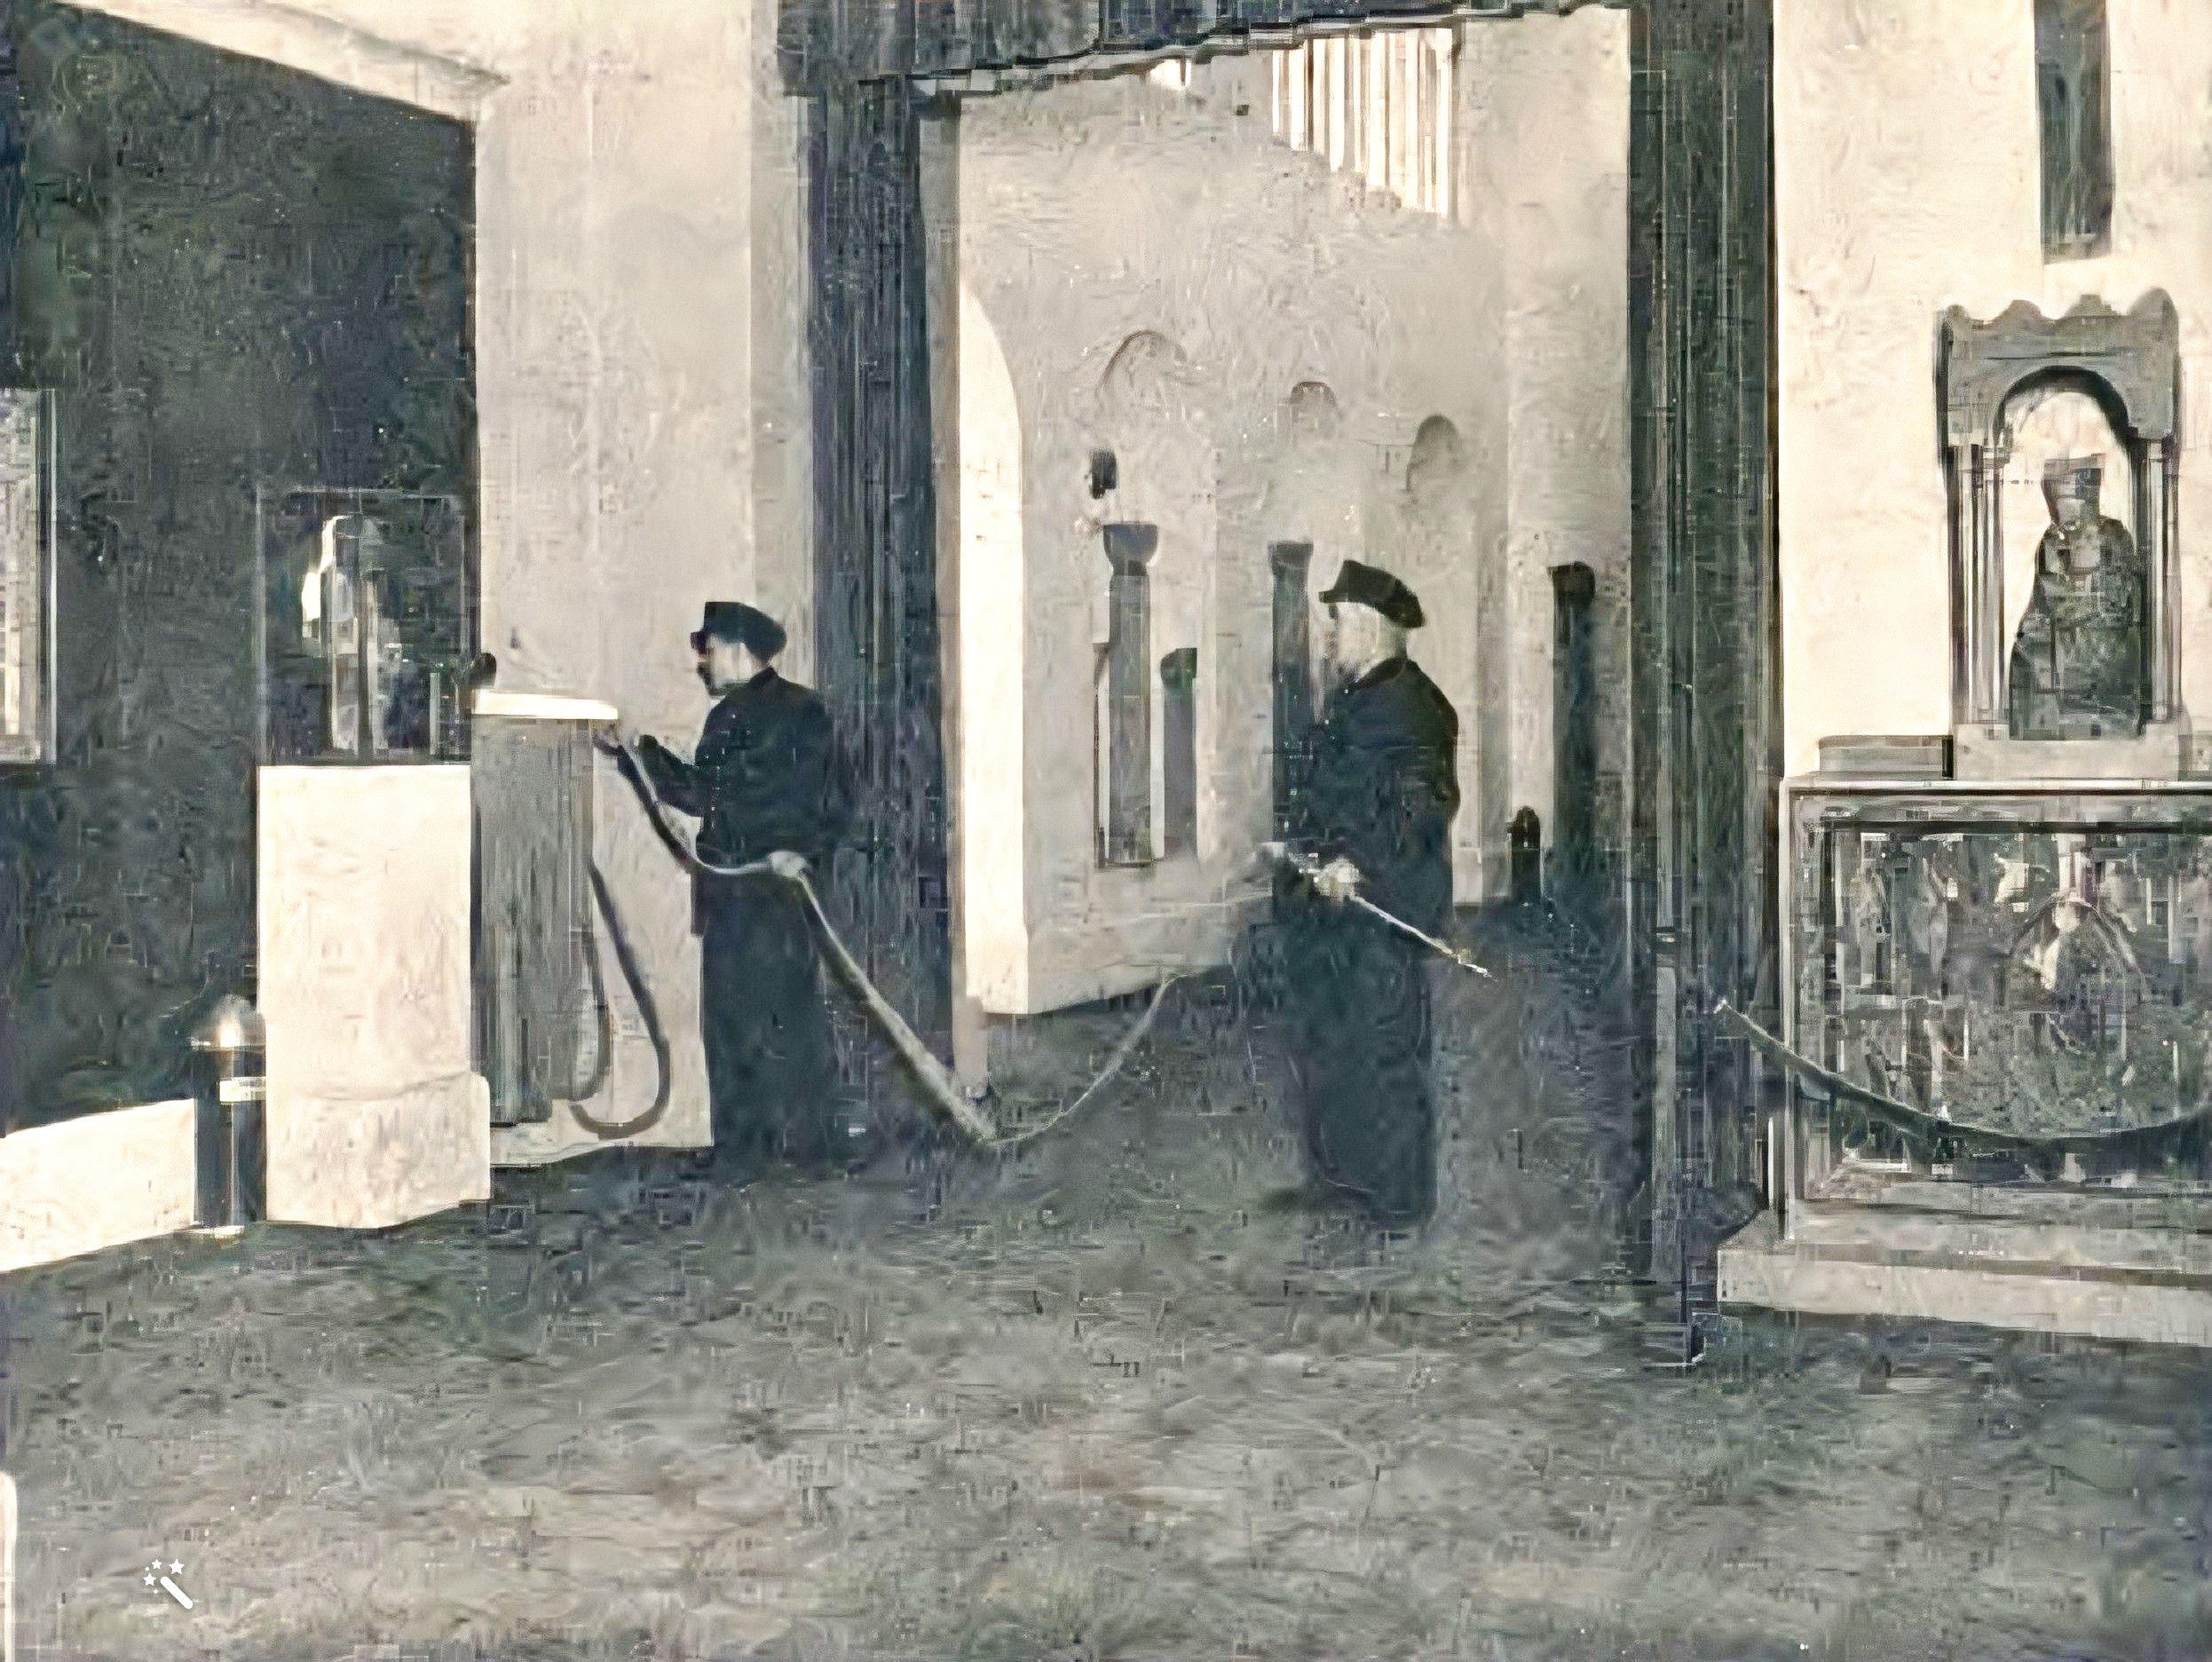 Bombers de Barcelona examina l'estat del material d'extinció, al Museu d'Art de Catalunya, tardor de 1936